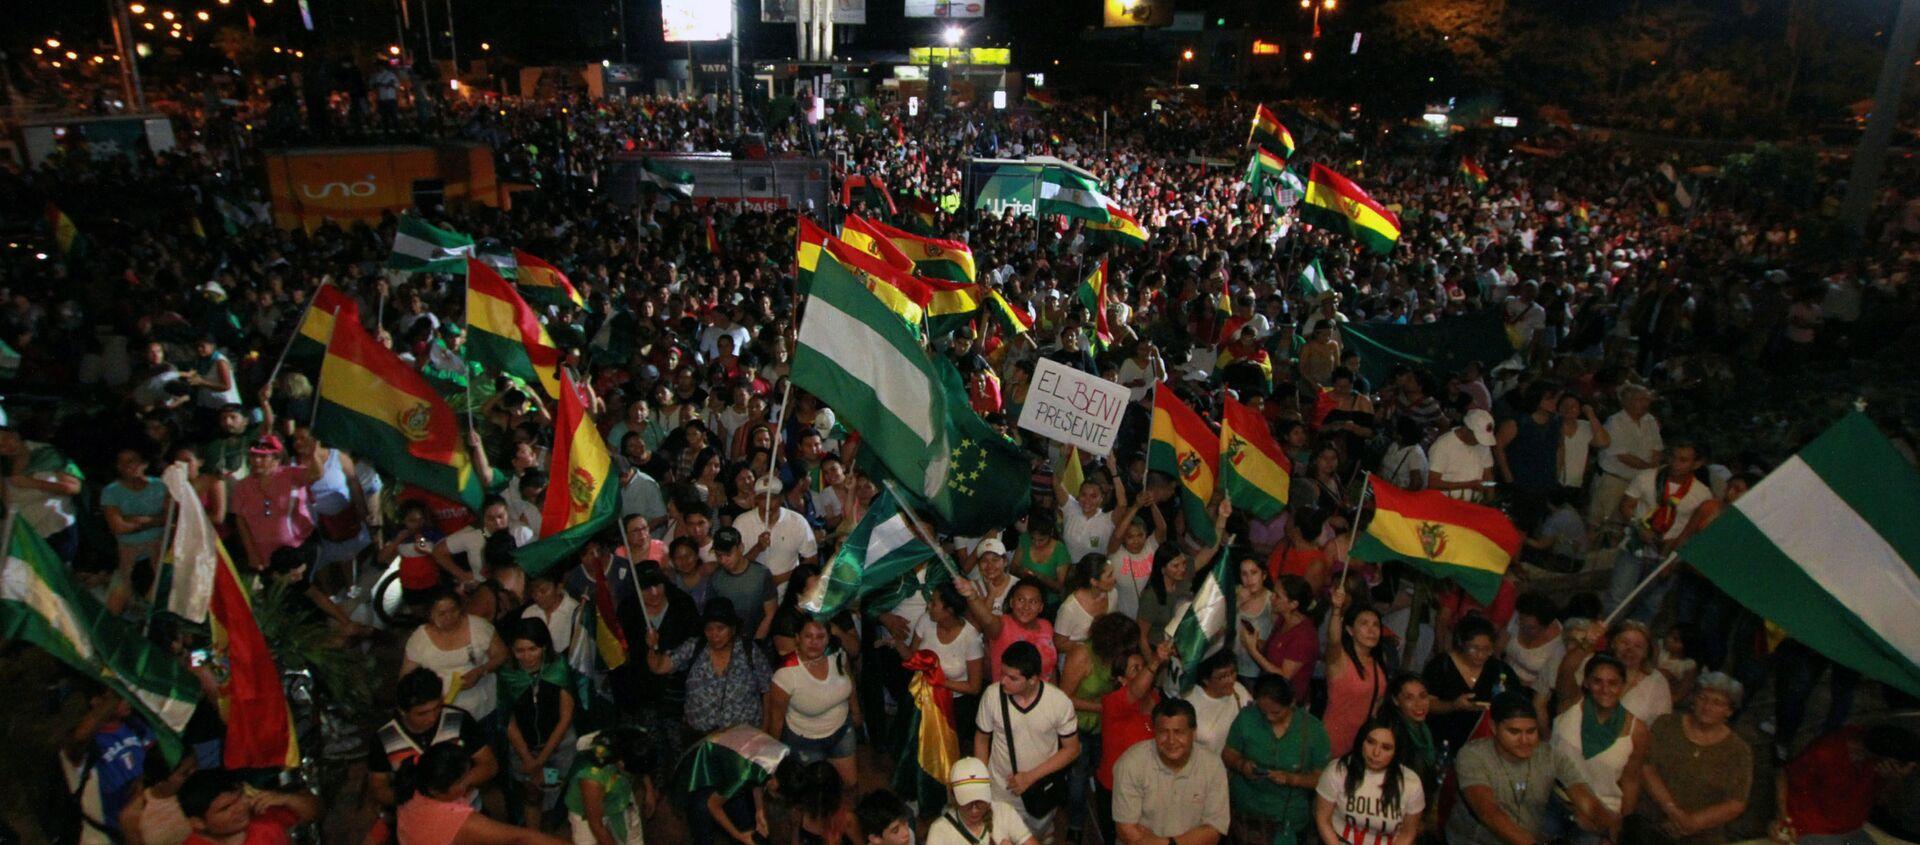 Protestas en Santa Cruz, Bolivia - Sputnik Mundo, 1920, 28.10.2020